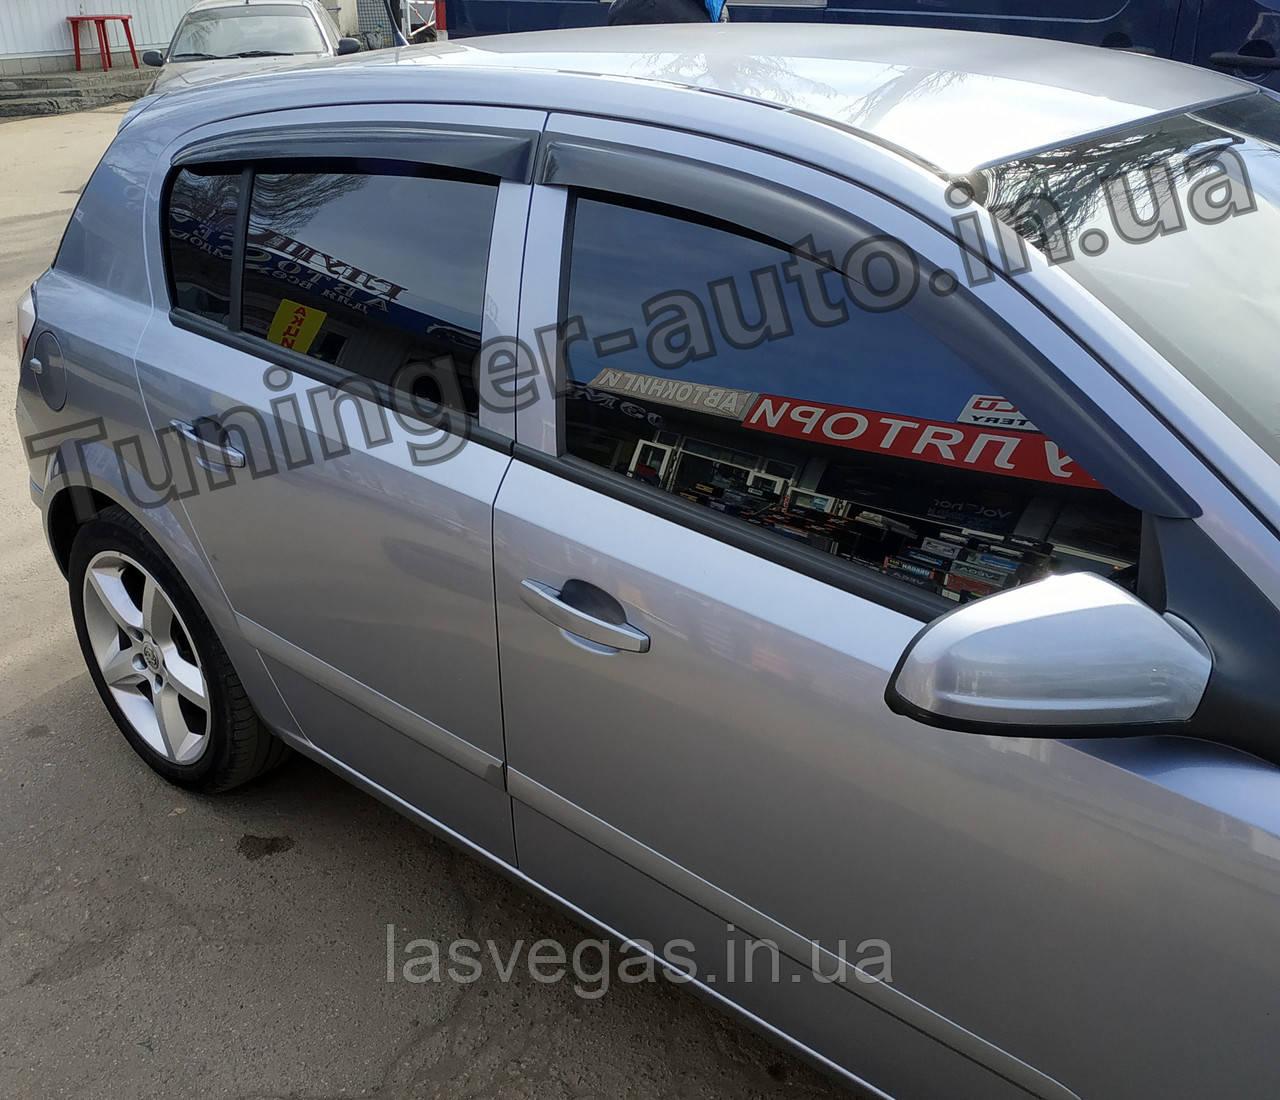 Дефлектори вікон, вітровики Opel Astra H 2004-2014 (ANV)